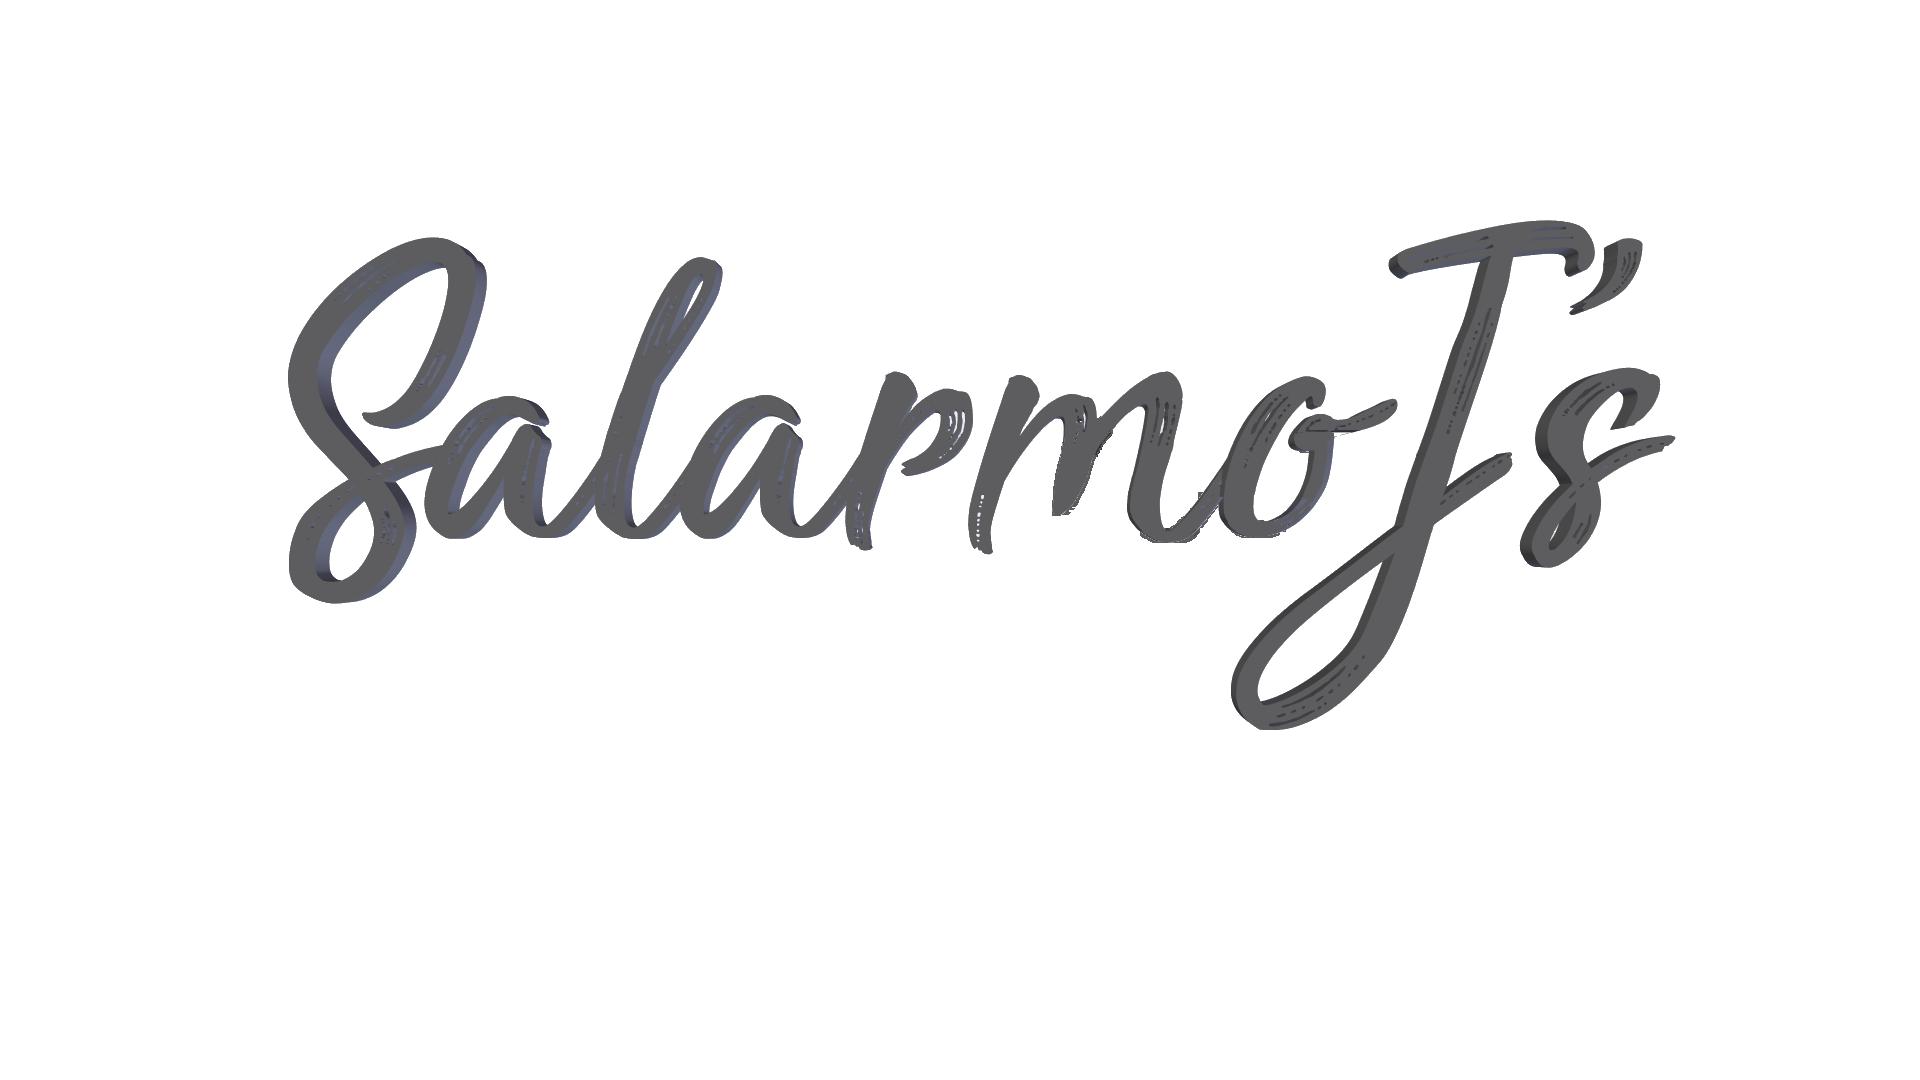 SalarmoJ's